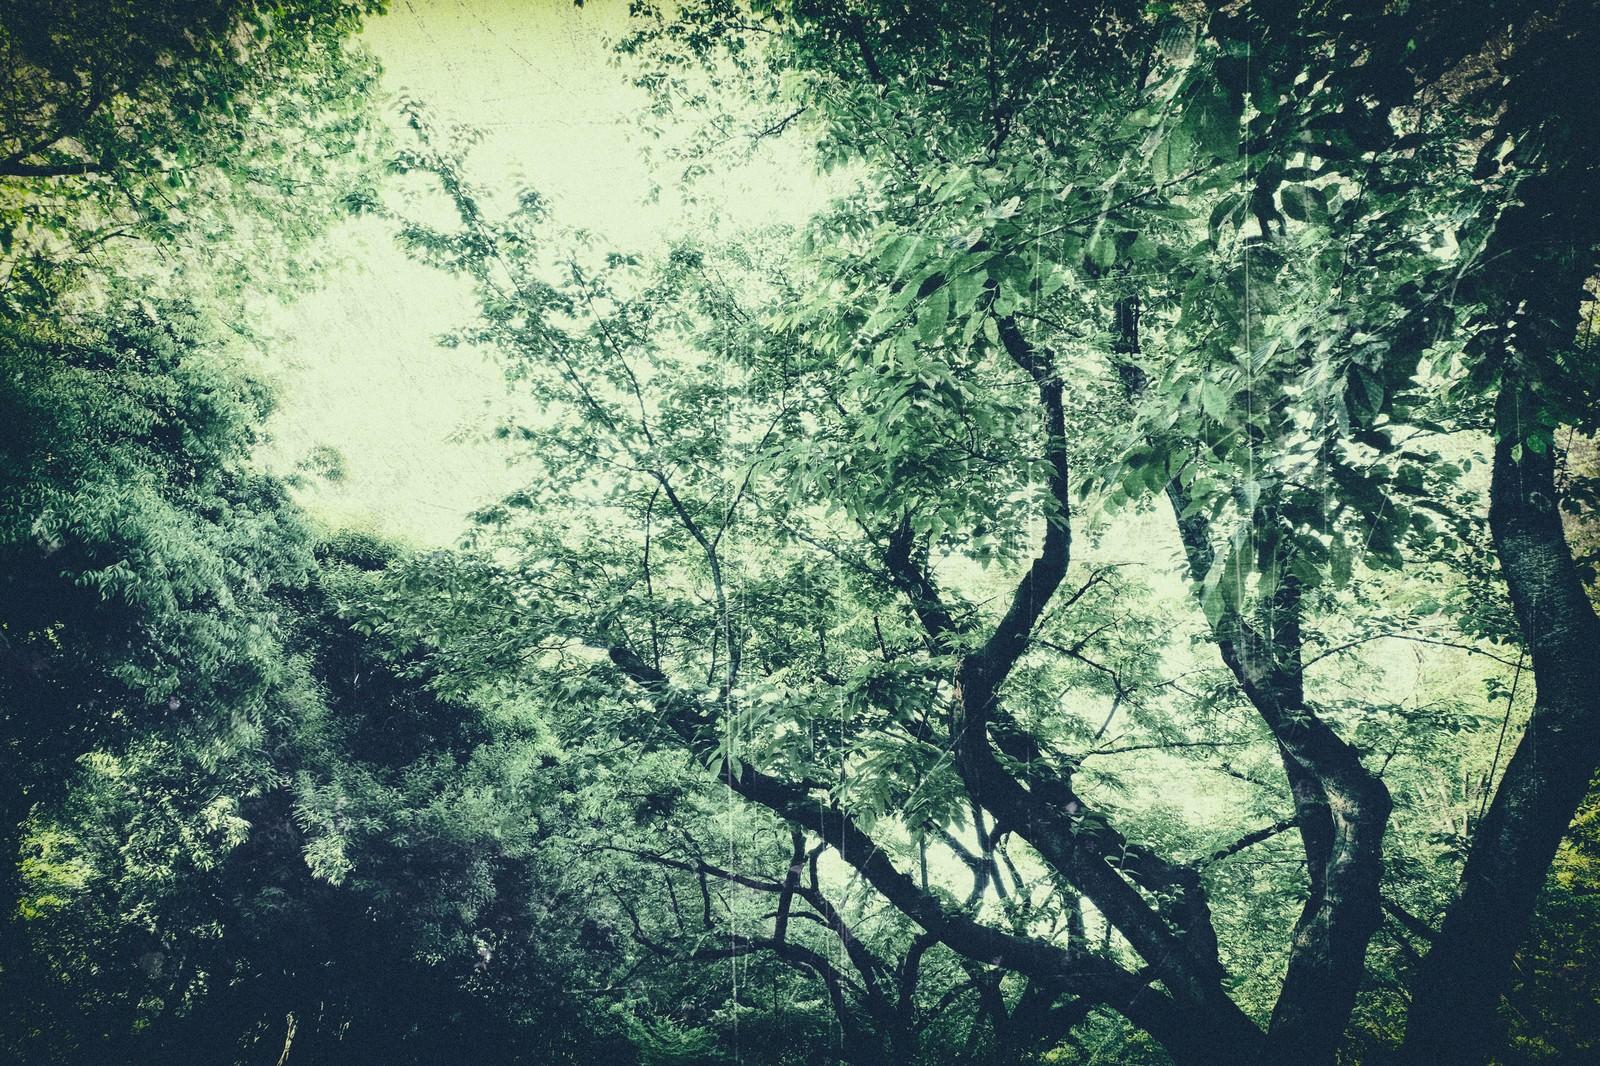 「色あせた木々色あせた木々」のフリー写真素材を拡大